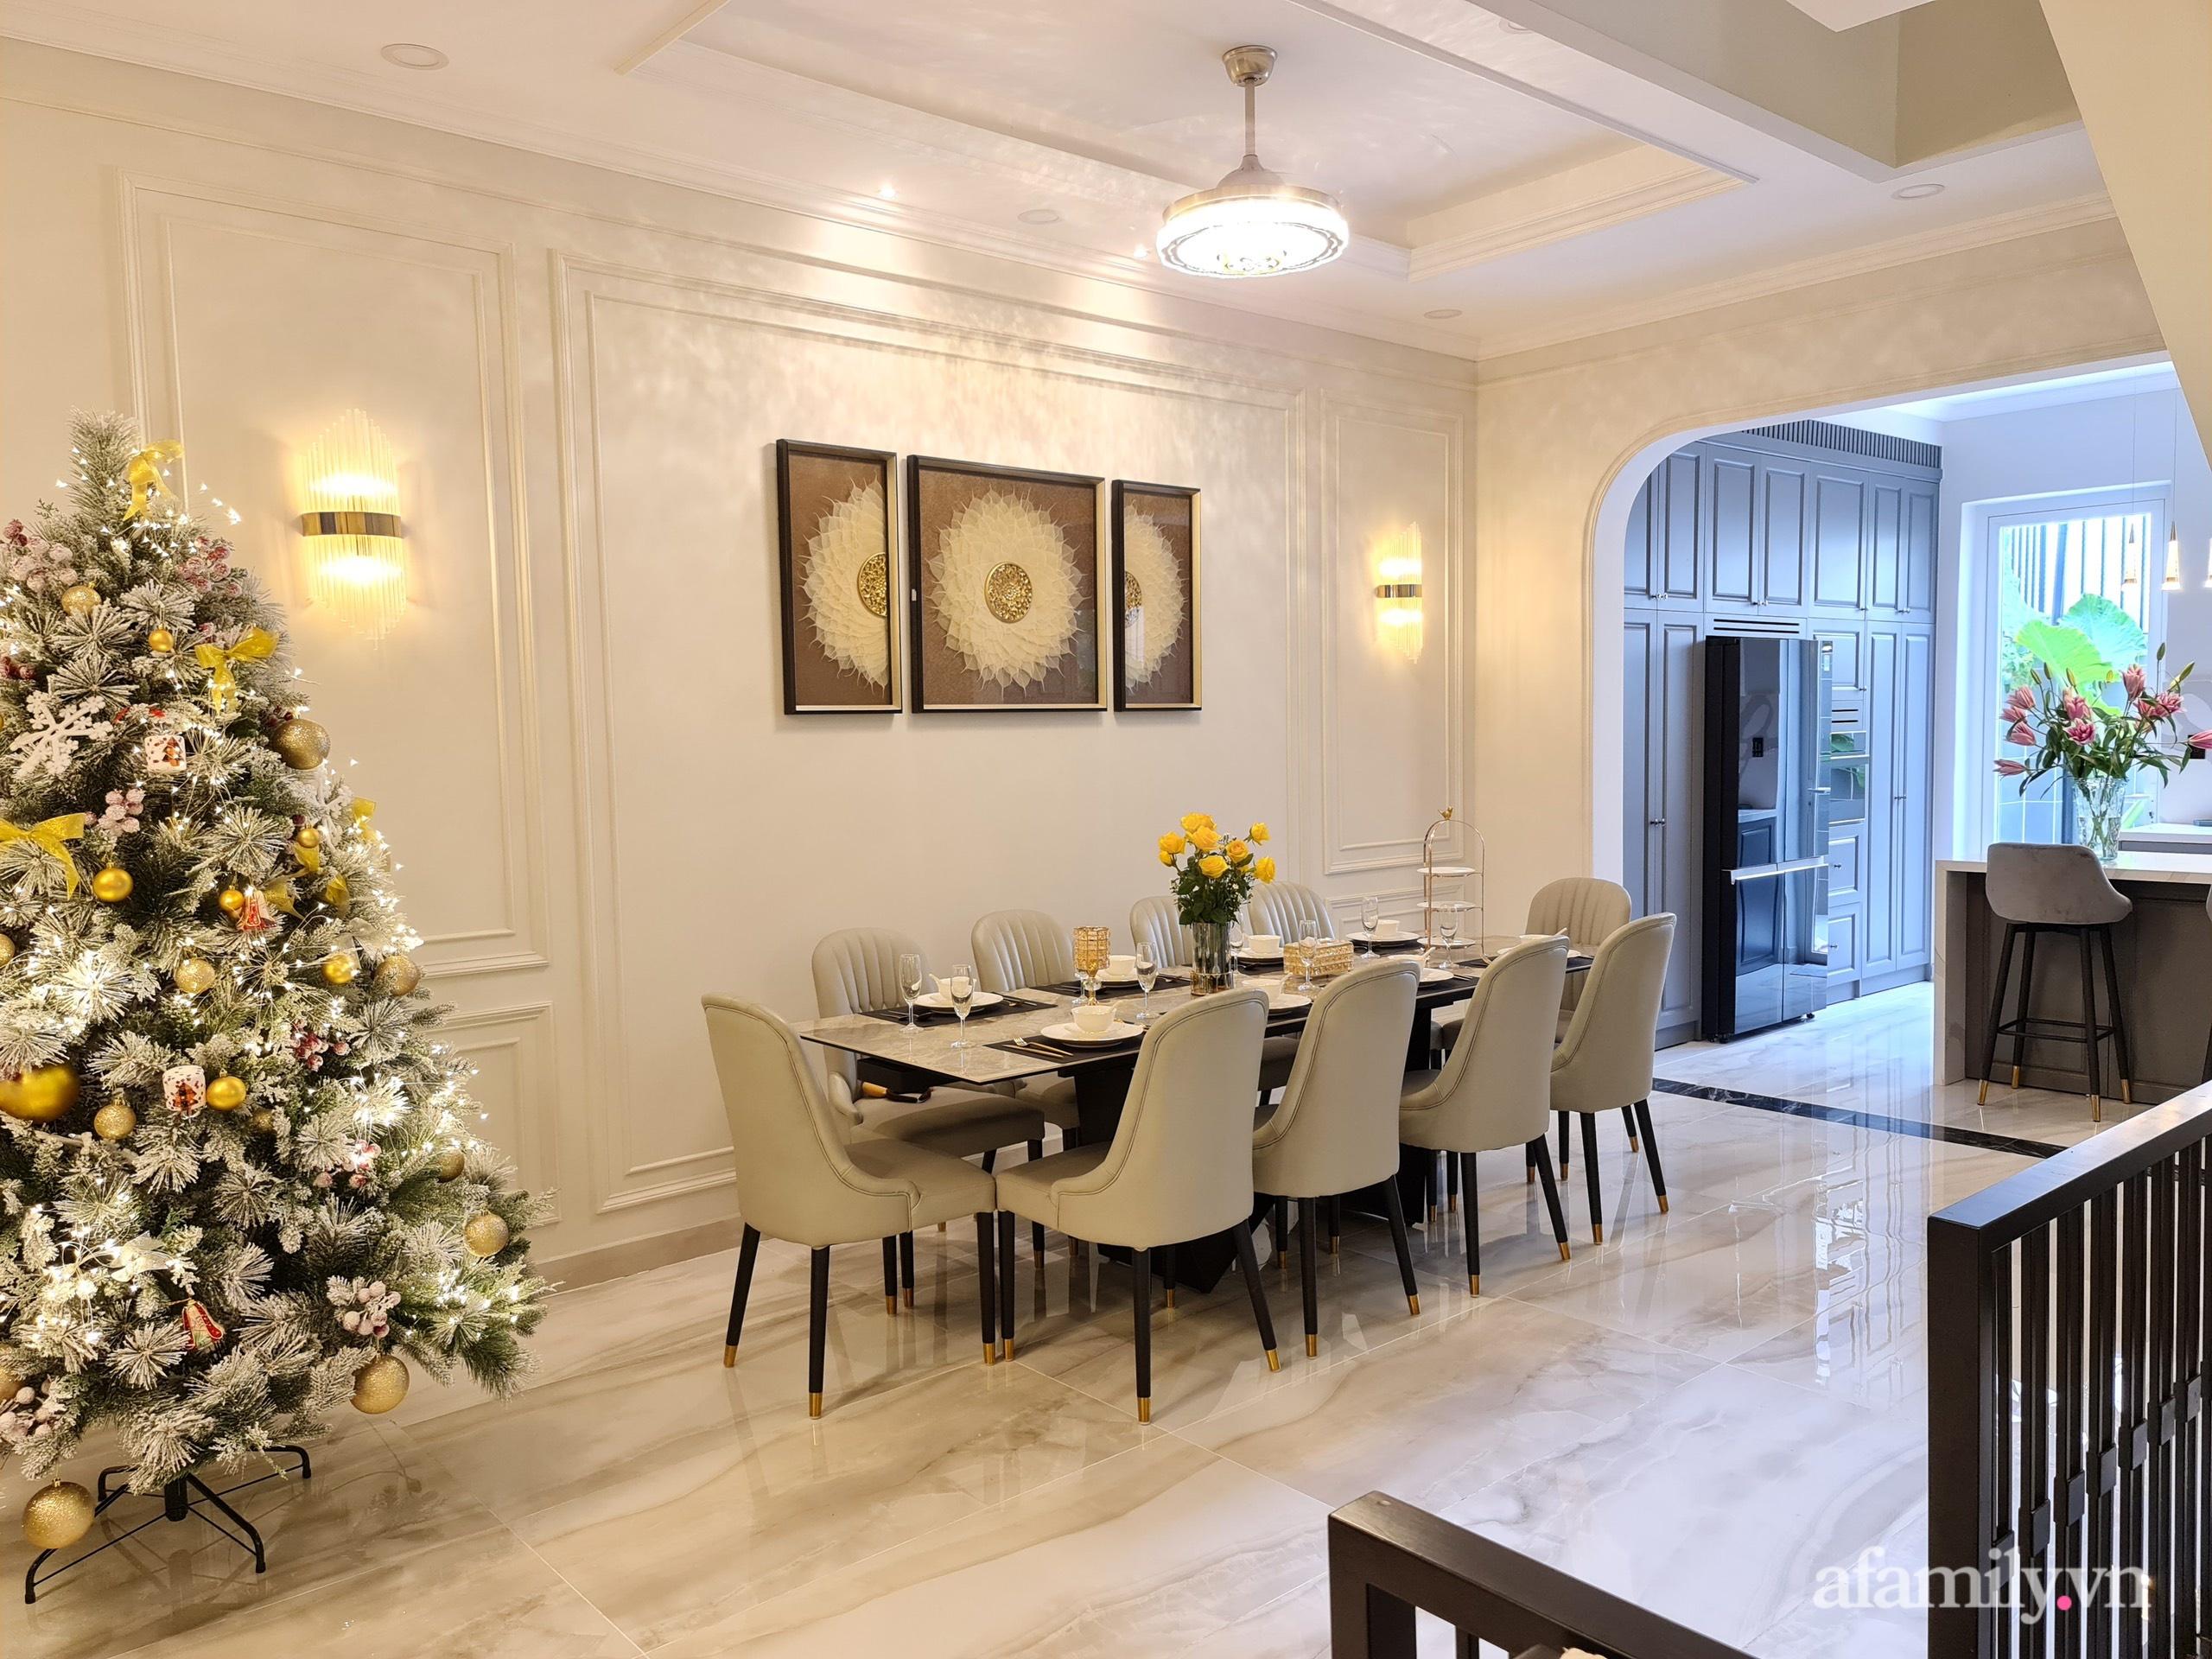 Nhà phố 78m² đẹp tiện nghi góc nào cũng chill với phong cách tân cổ điển ở Sài Gòn - Ảnh 8.